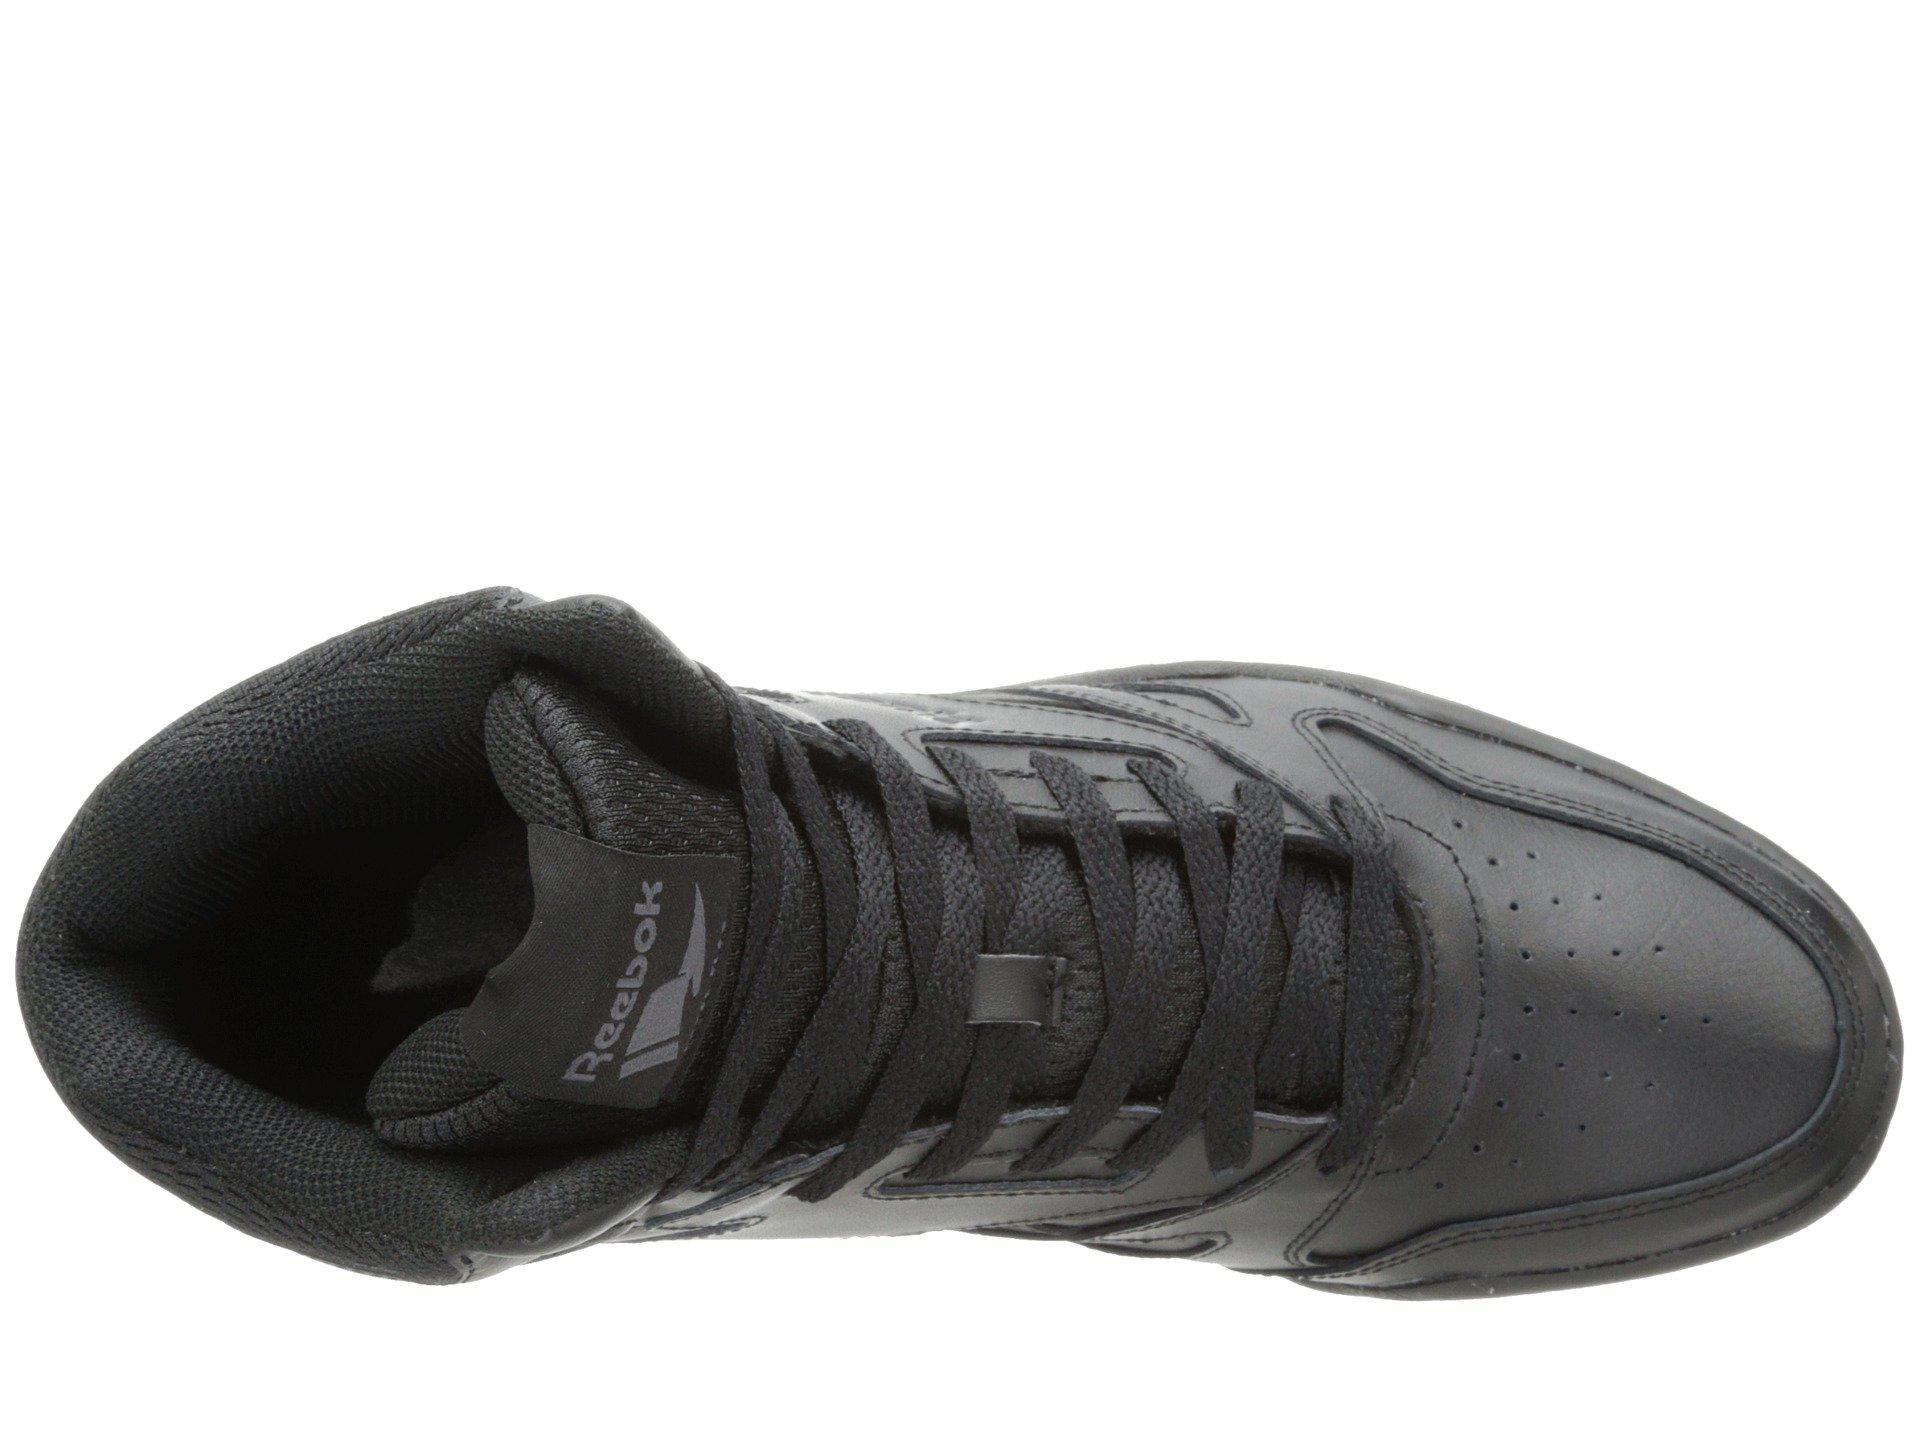 6a559b36b29 Reebok - Black Royal Bb4500 Hi (white steel) Men s Basketball Shoes for  Men. View fullscreen